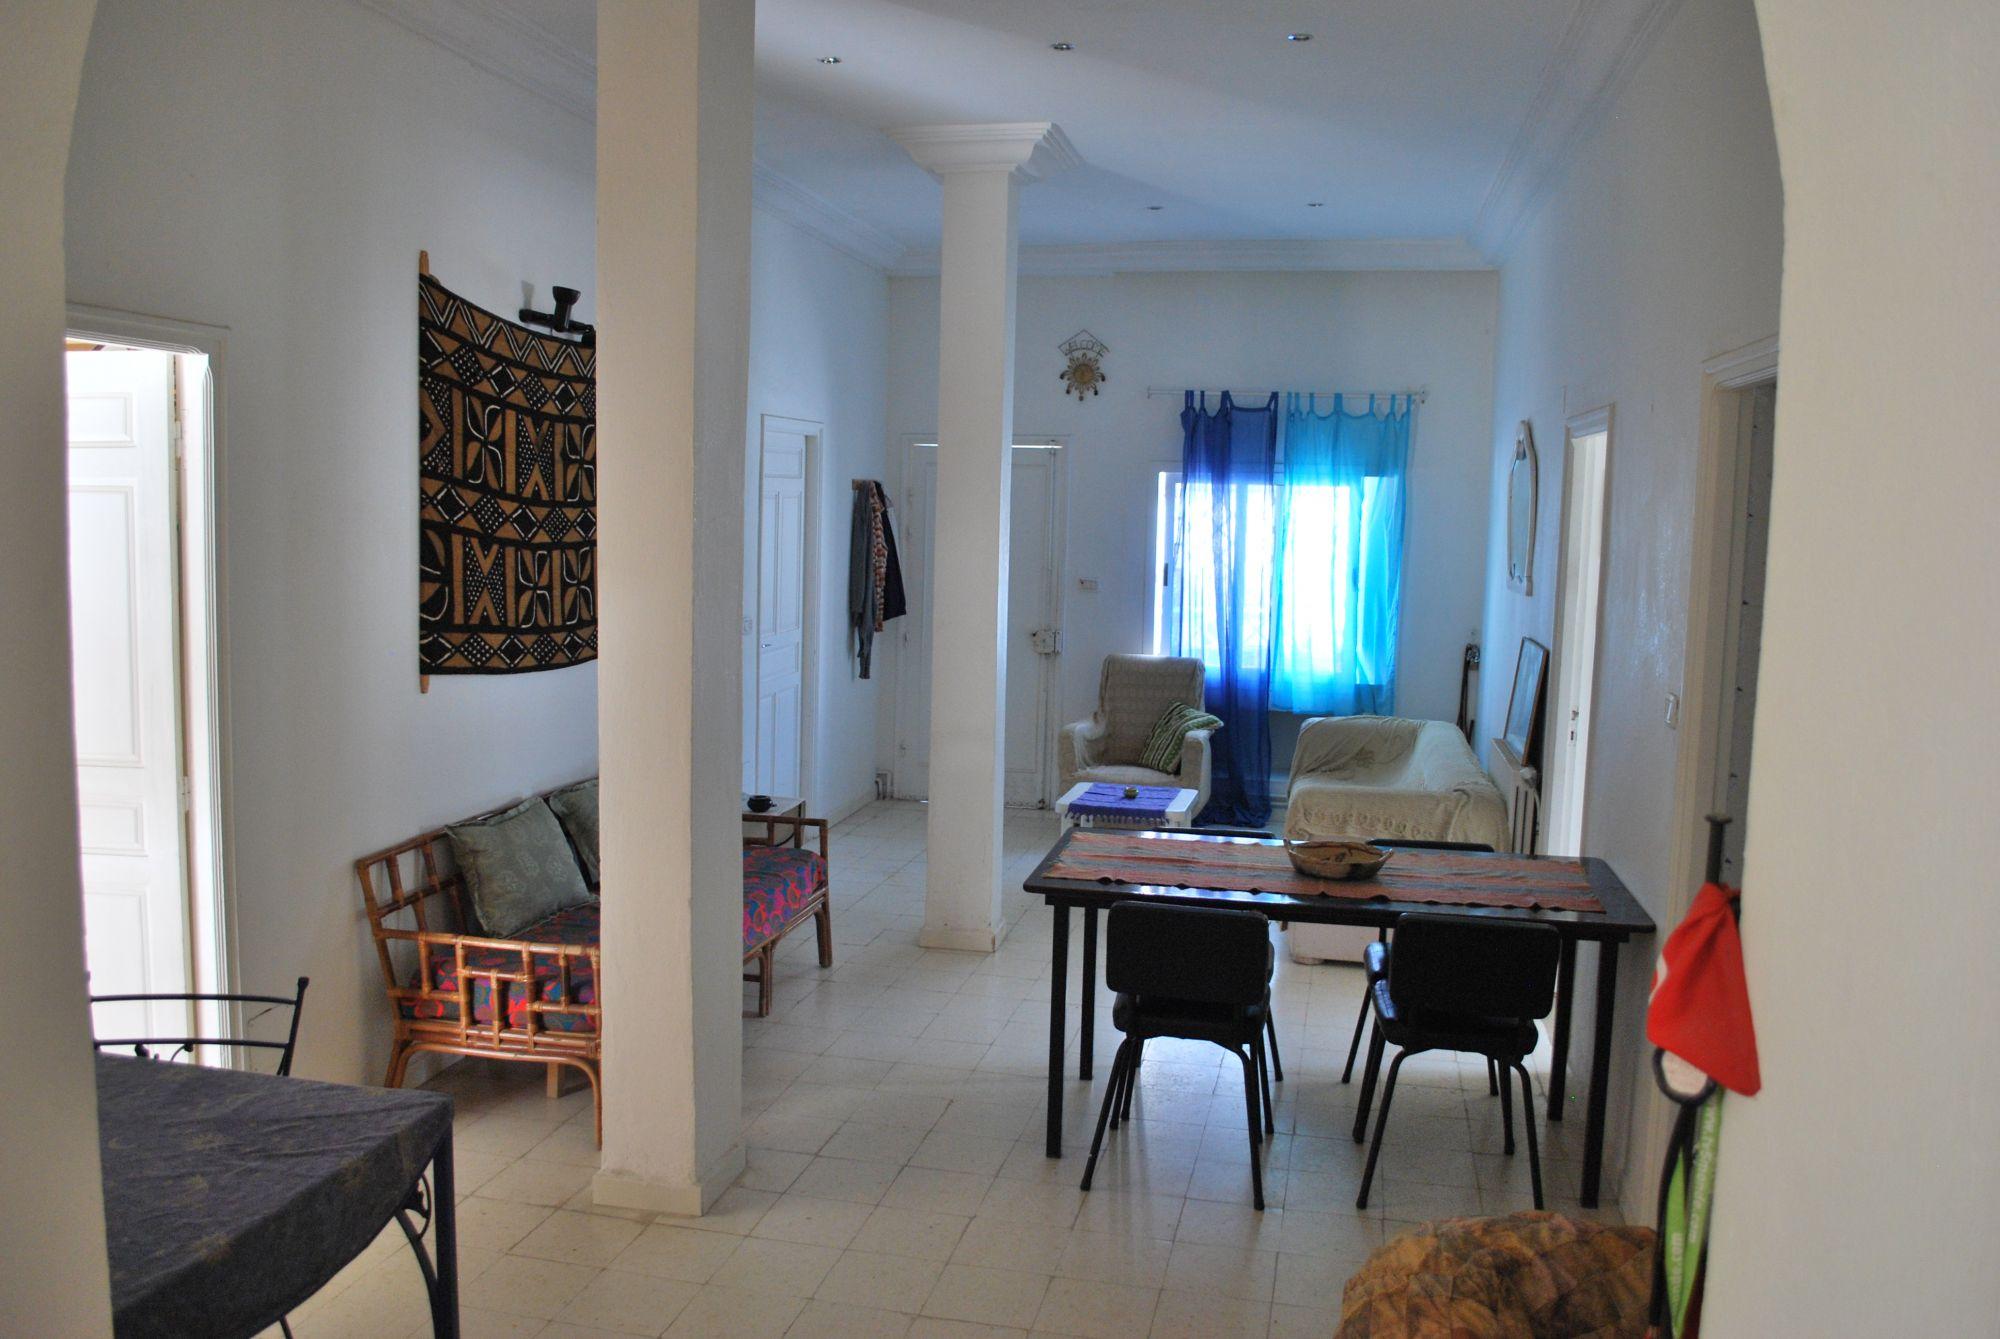 Cherche partager maison colocation maison marsa safsaf for Cherche maison